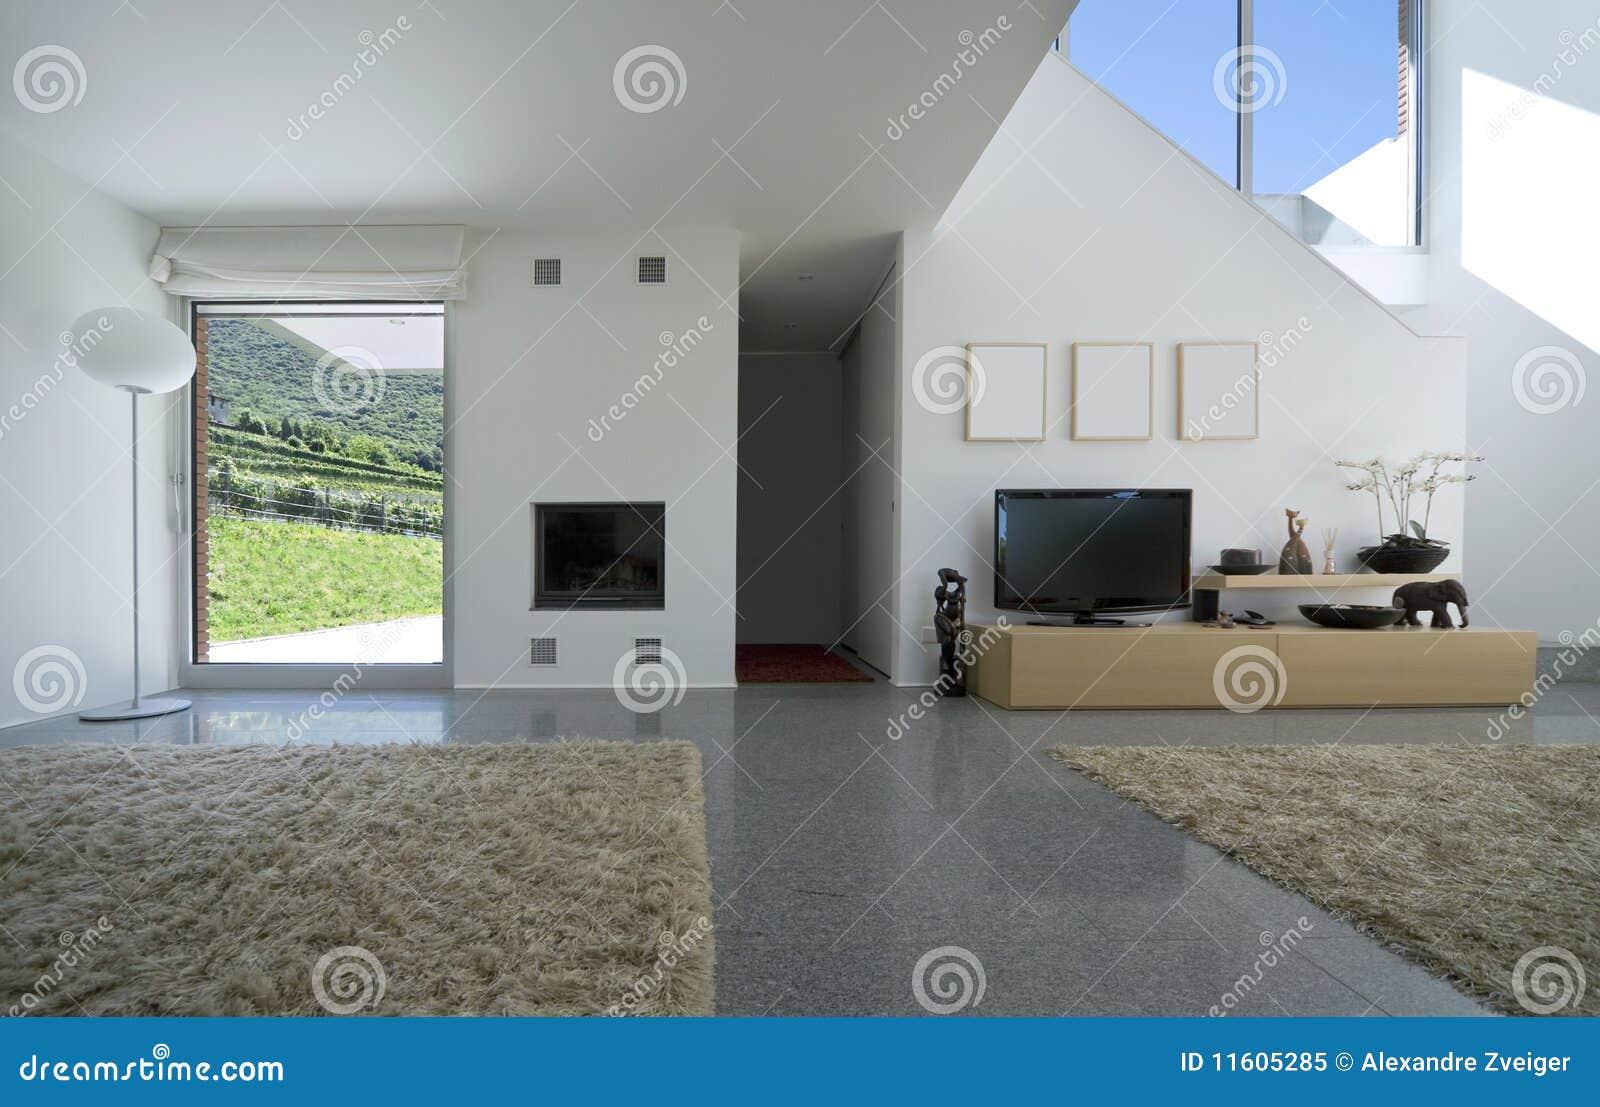 Casa moderna interior do tijolo foto de stock royalty free for Casas modernas 2016 interior